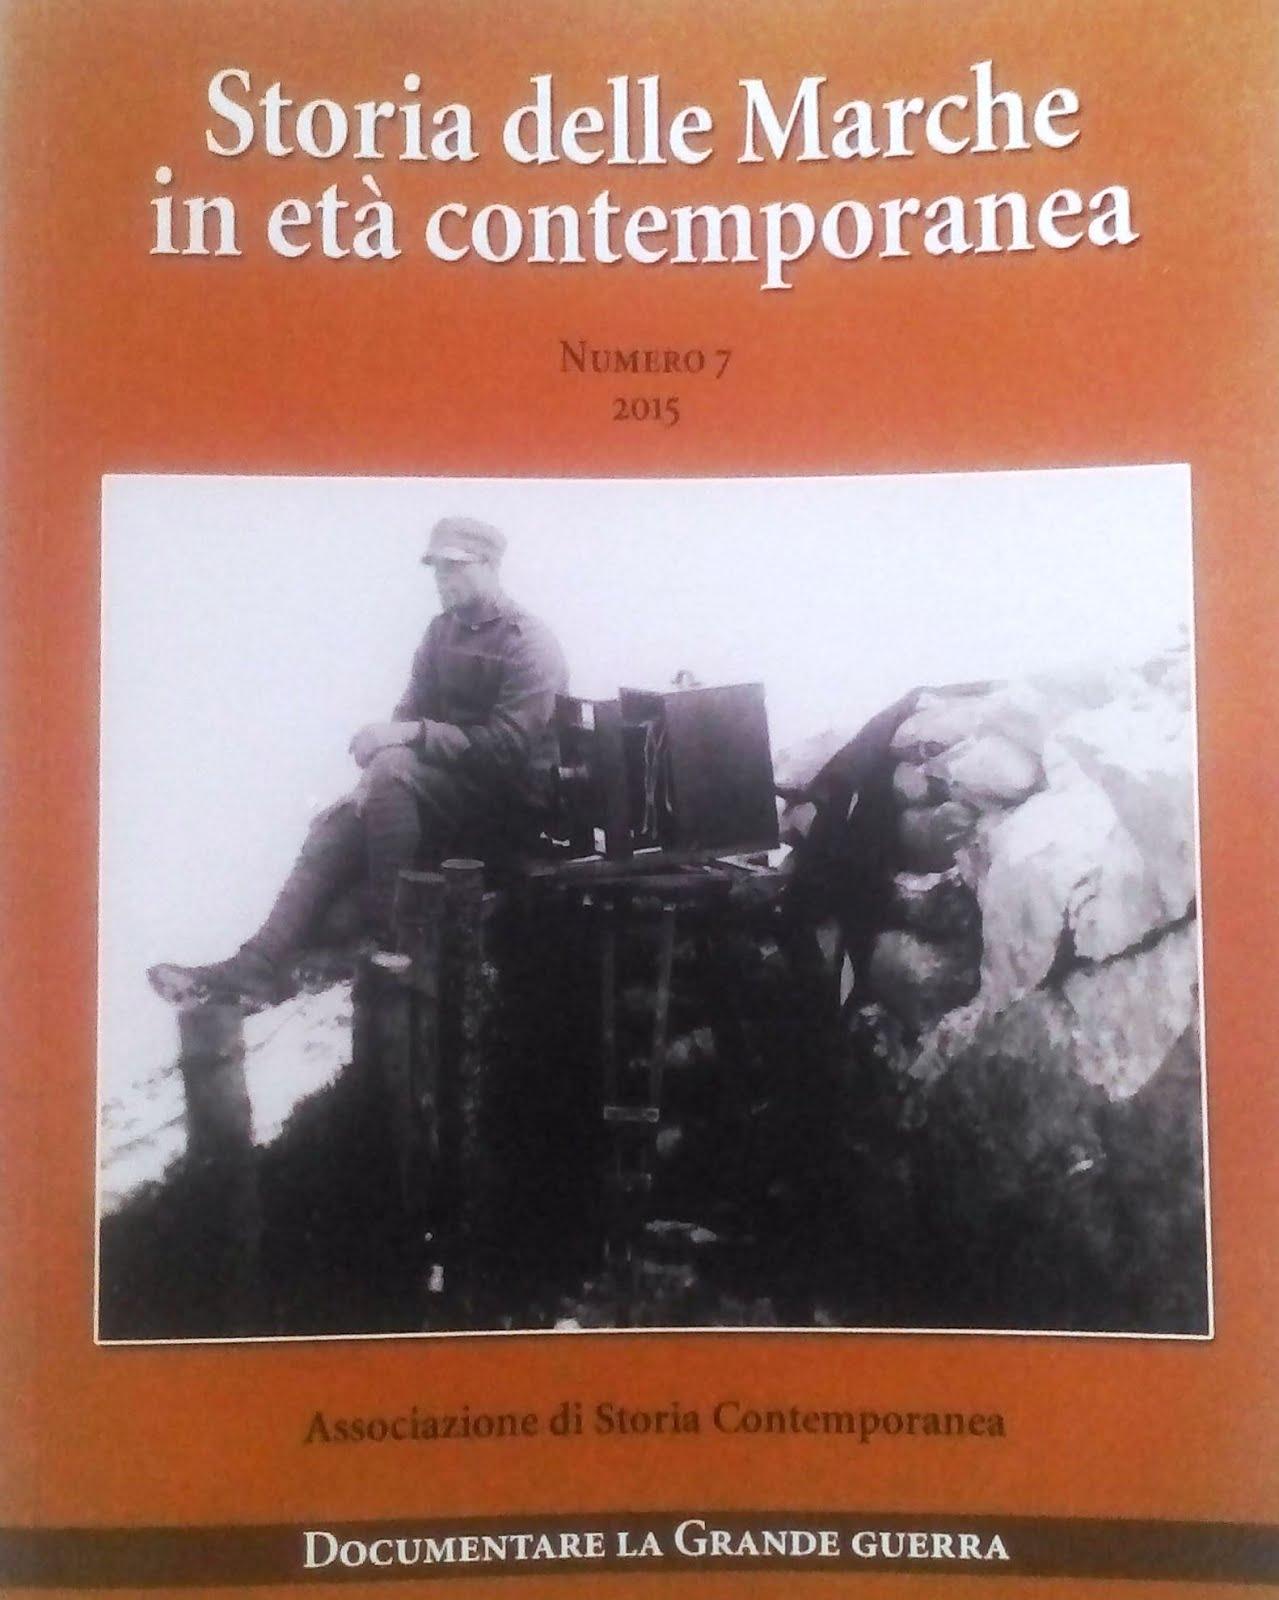 Rivista Storia delle Marche in Età Contenporanea